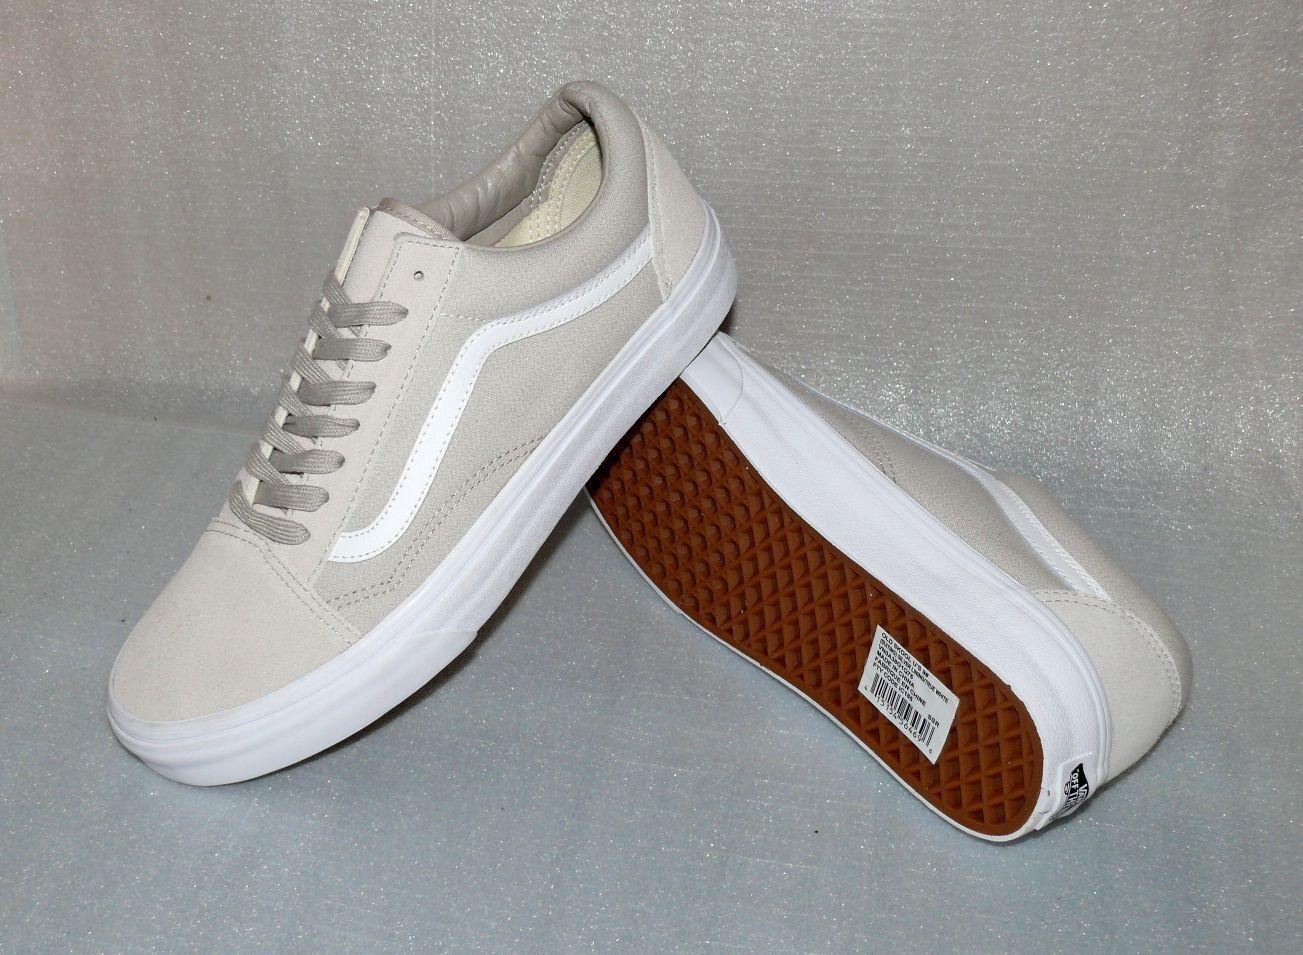 Vans OLD SKOOL Rau Leder Herren Schuhe Freizeit Turnschuhe 42 US9 IC185 Natur Weiß    | Die Farbe ist sehr auffällig